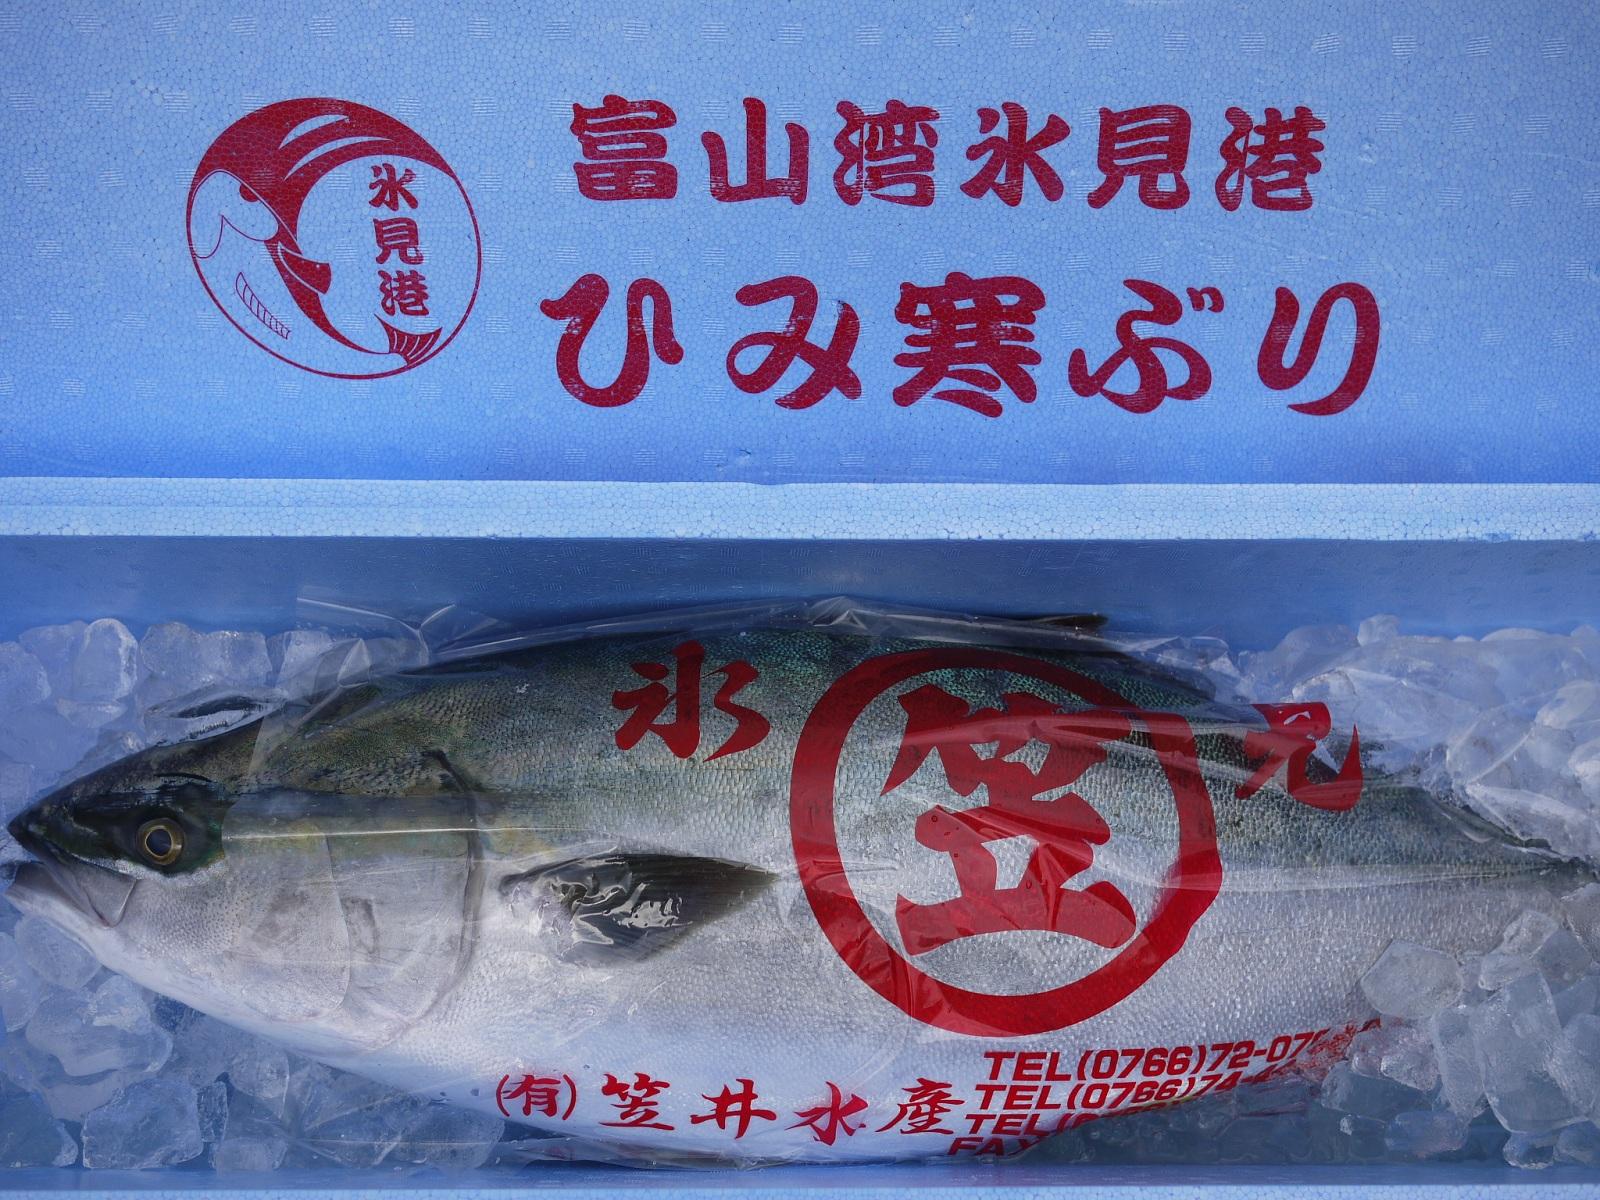 【送料無料】【ひみ寒ぶり宣言】富山湾 天然・氷見の寒ブリ(ひみ寒ぶり) 9kg~10kg